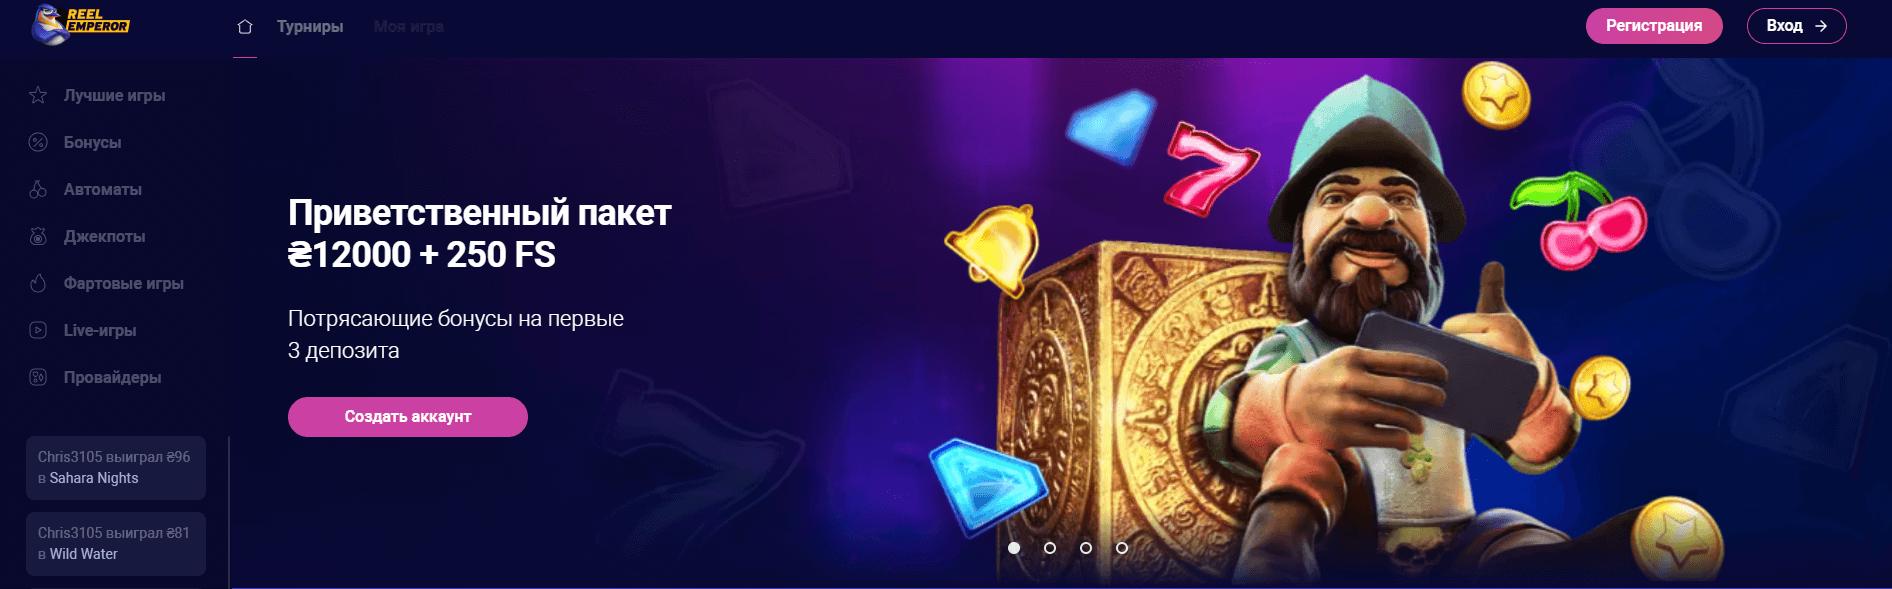 Офіційний сайт казино ReelEmperor